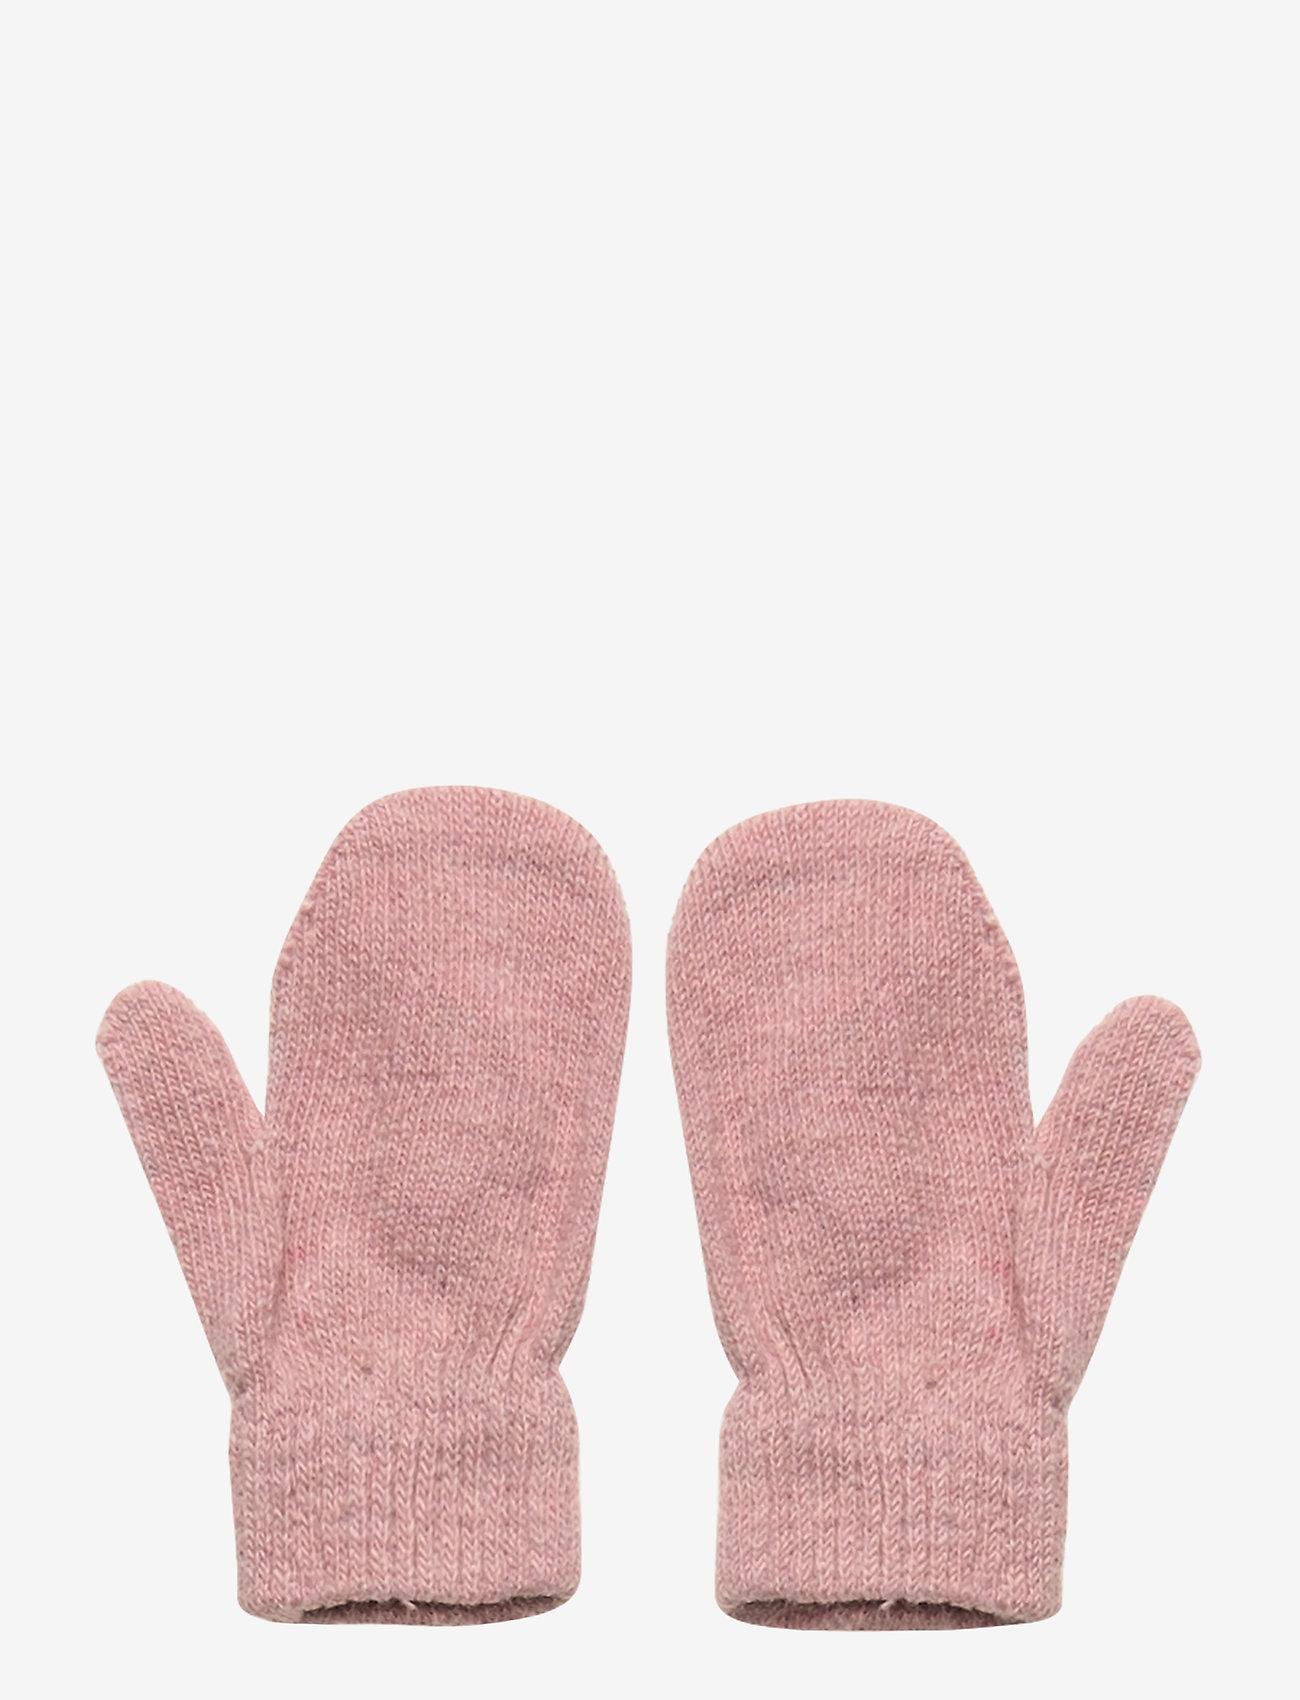 CeLaVi - Basic magic mittens -solid col - uldtøj - misty rose - 1